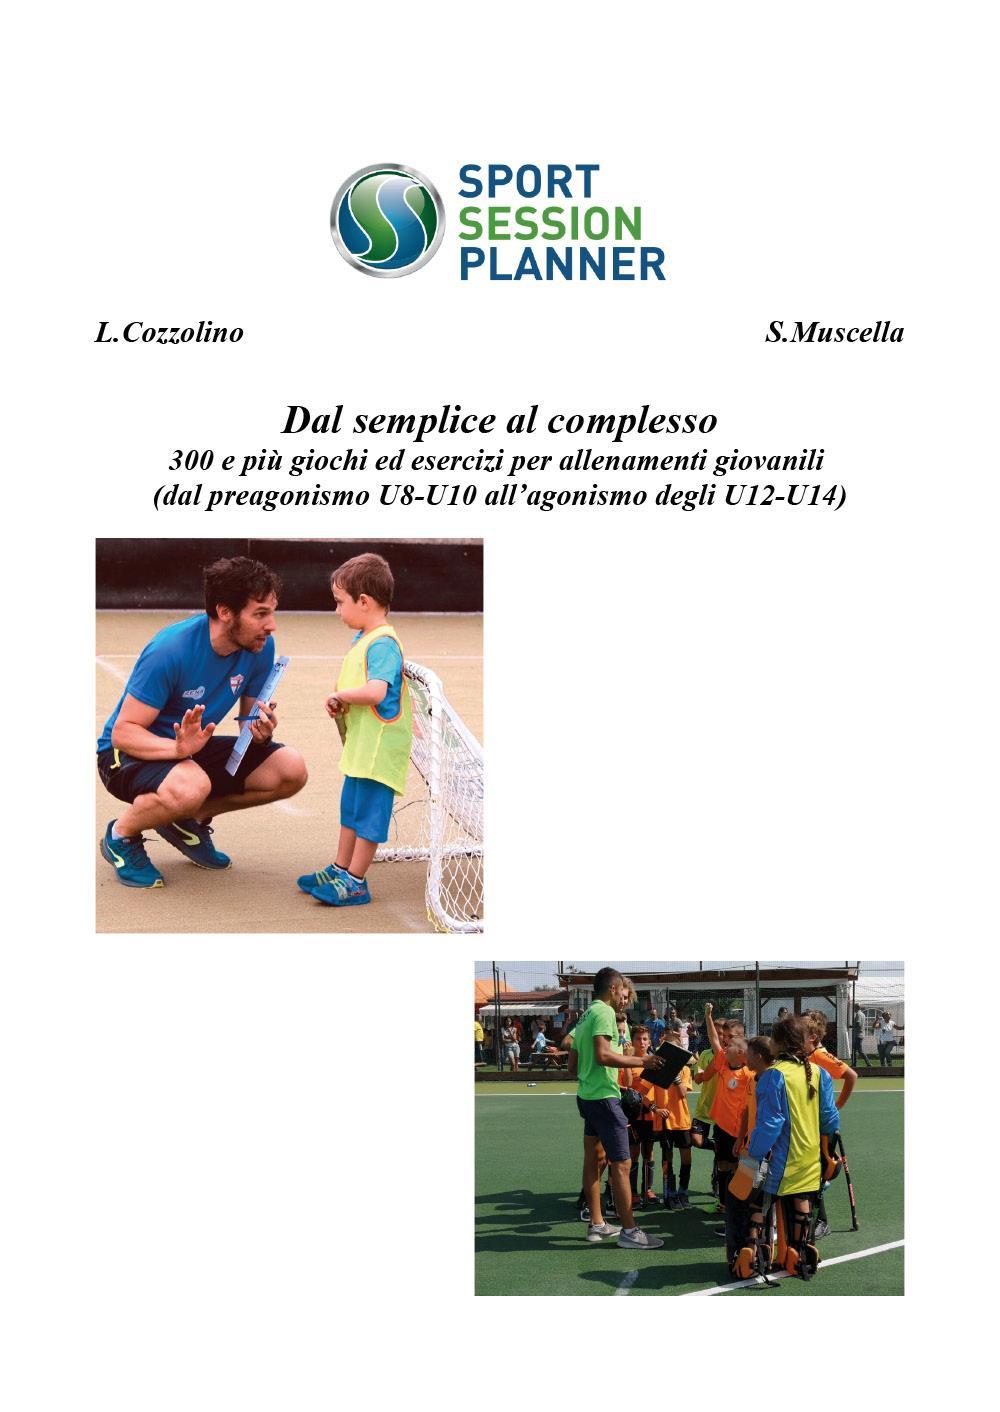 Dal semplice al complesso 300 e più giochi ed esercizi per allenamenti giovanili (dal preagonismo U8-10 all'agonismo degli U12-U14)